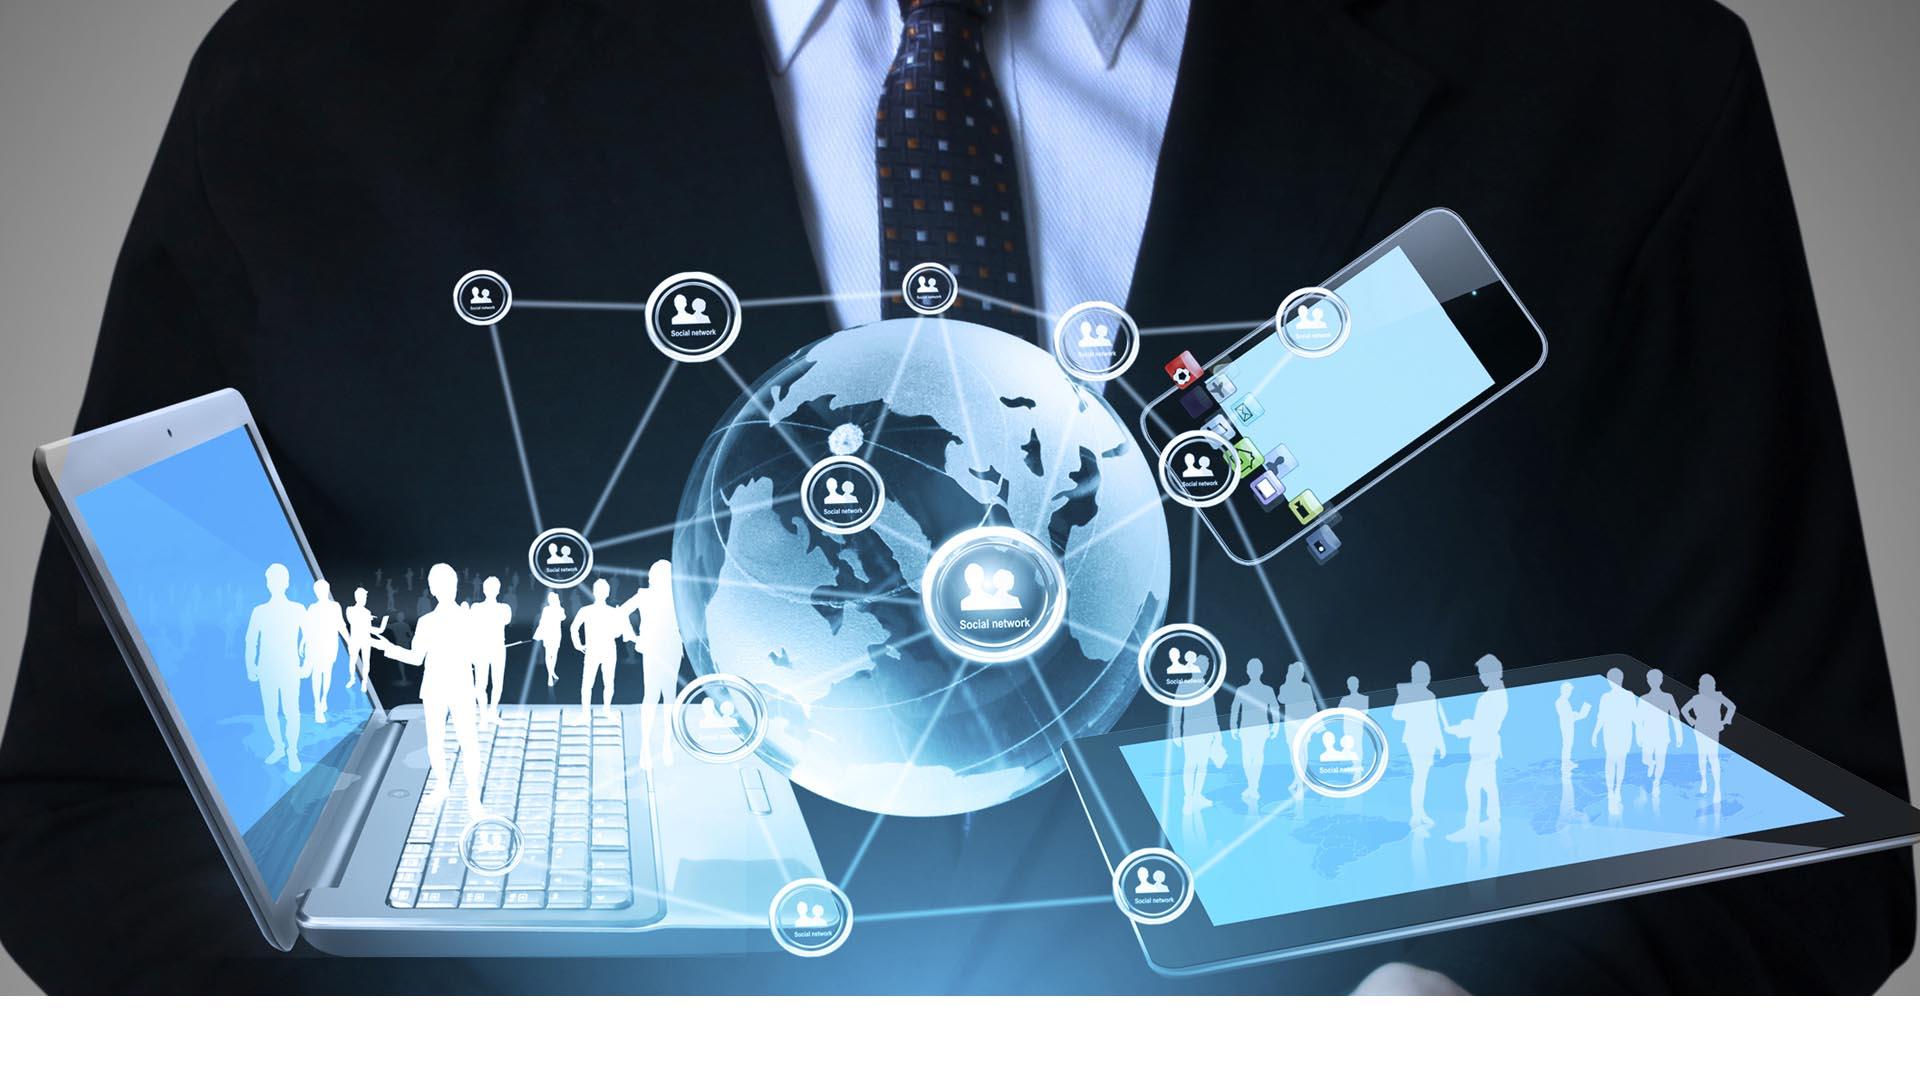 El evento tecnológico estará enfocado en el desarrollo de los sistemas de telecomunicaciones